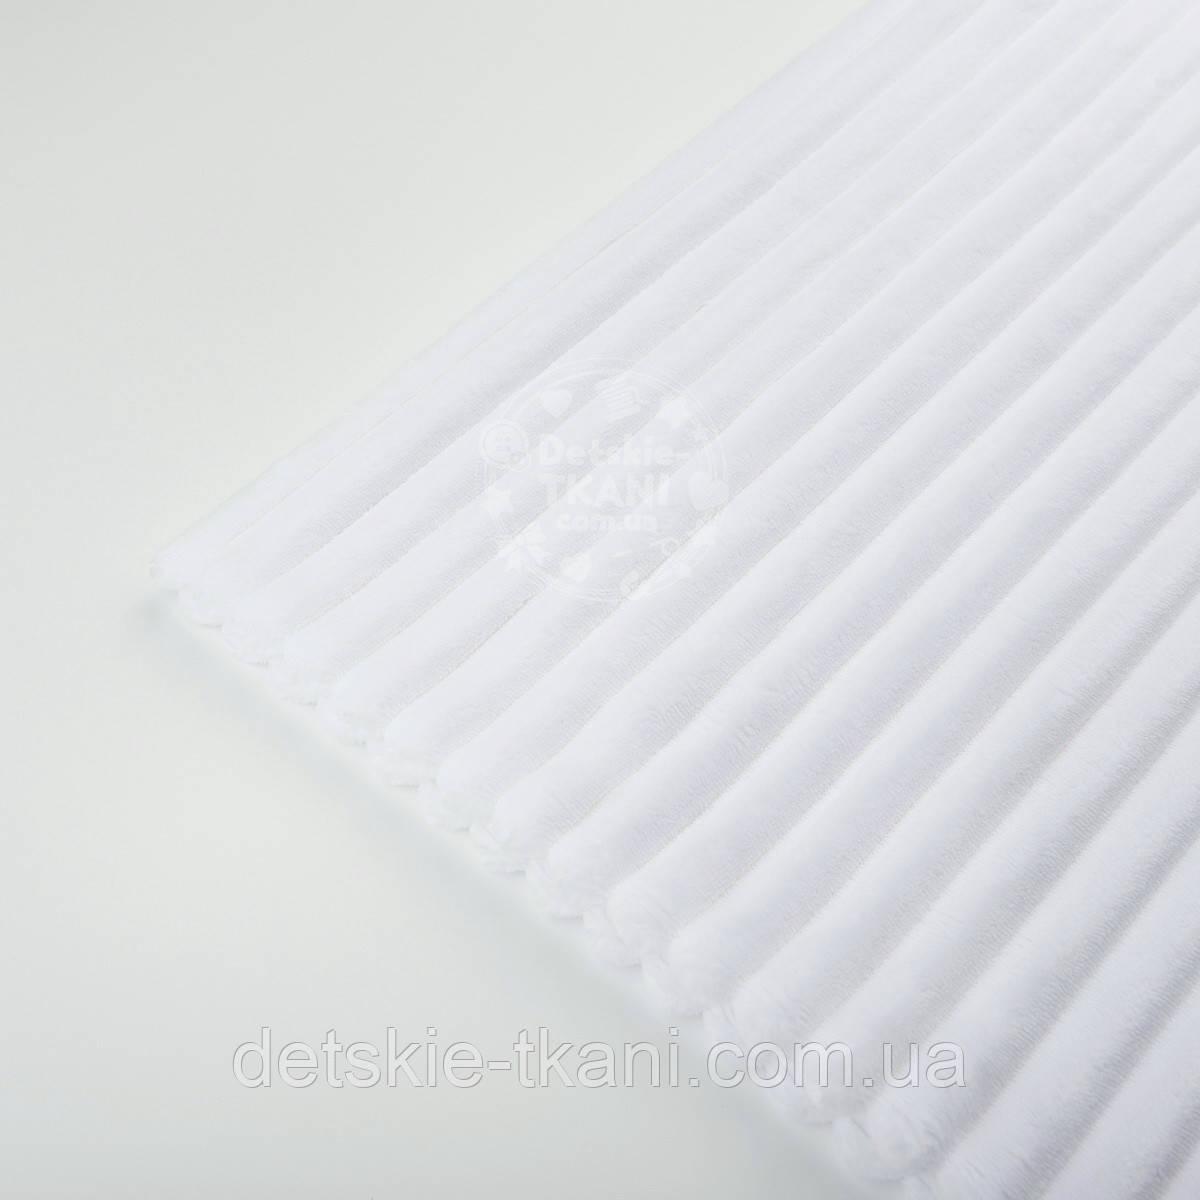 Лоскут плюша в полоску Stripes, цвет белый, размер 50*160 см